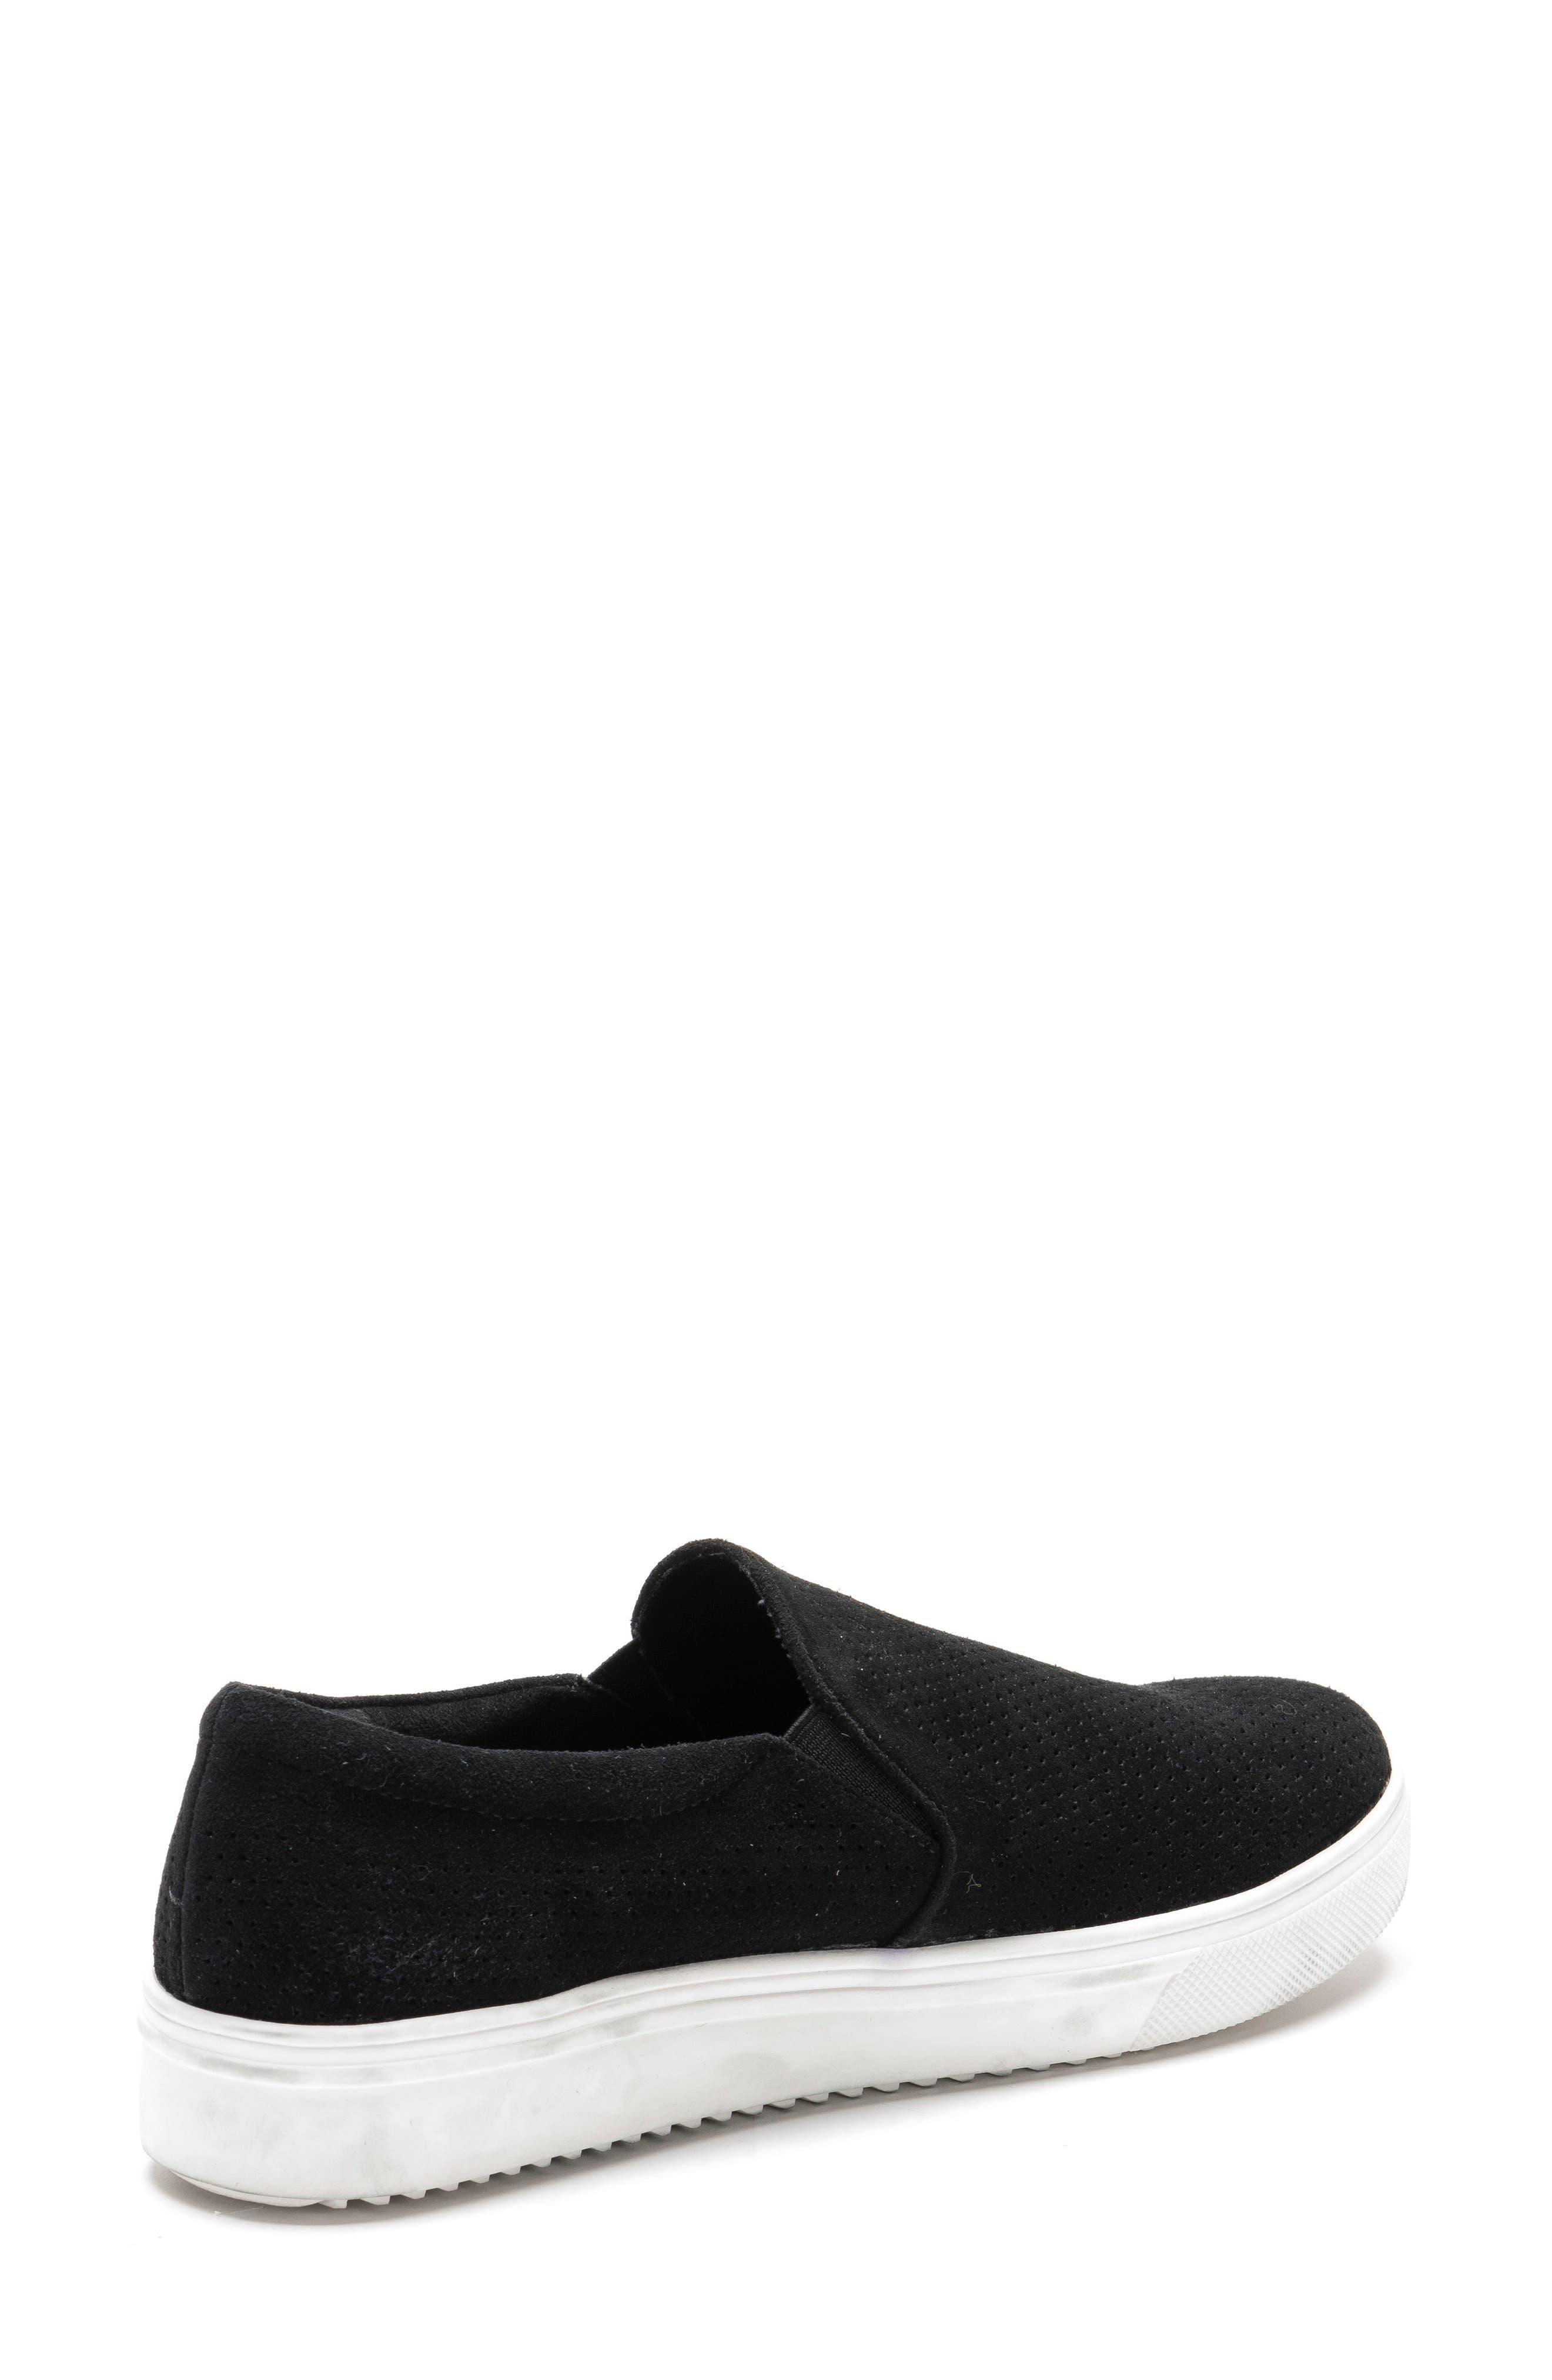 BLONDO, Gallert Perforated Waterproof Platform Sneaker, Alternate thumbnail 2, color, BLACK SUEDE